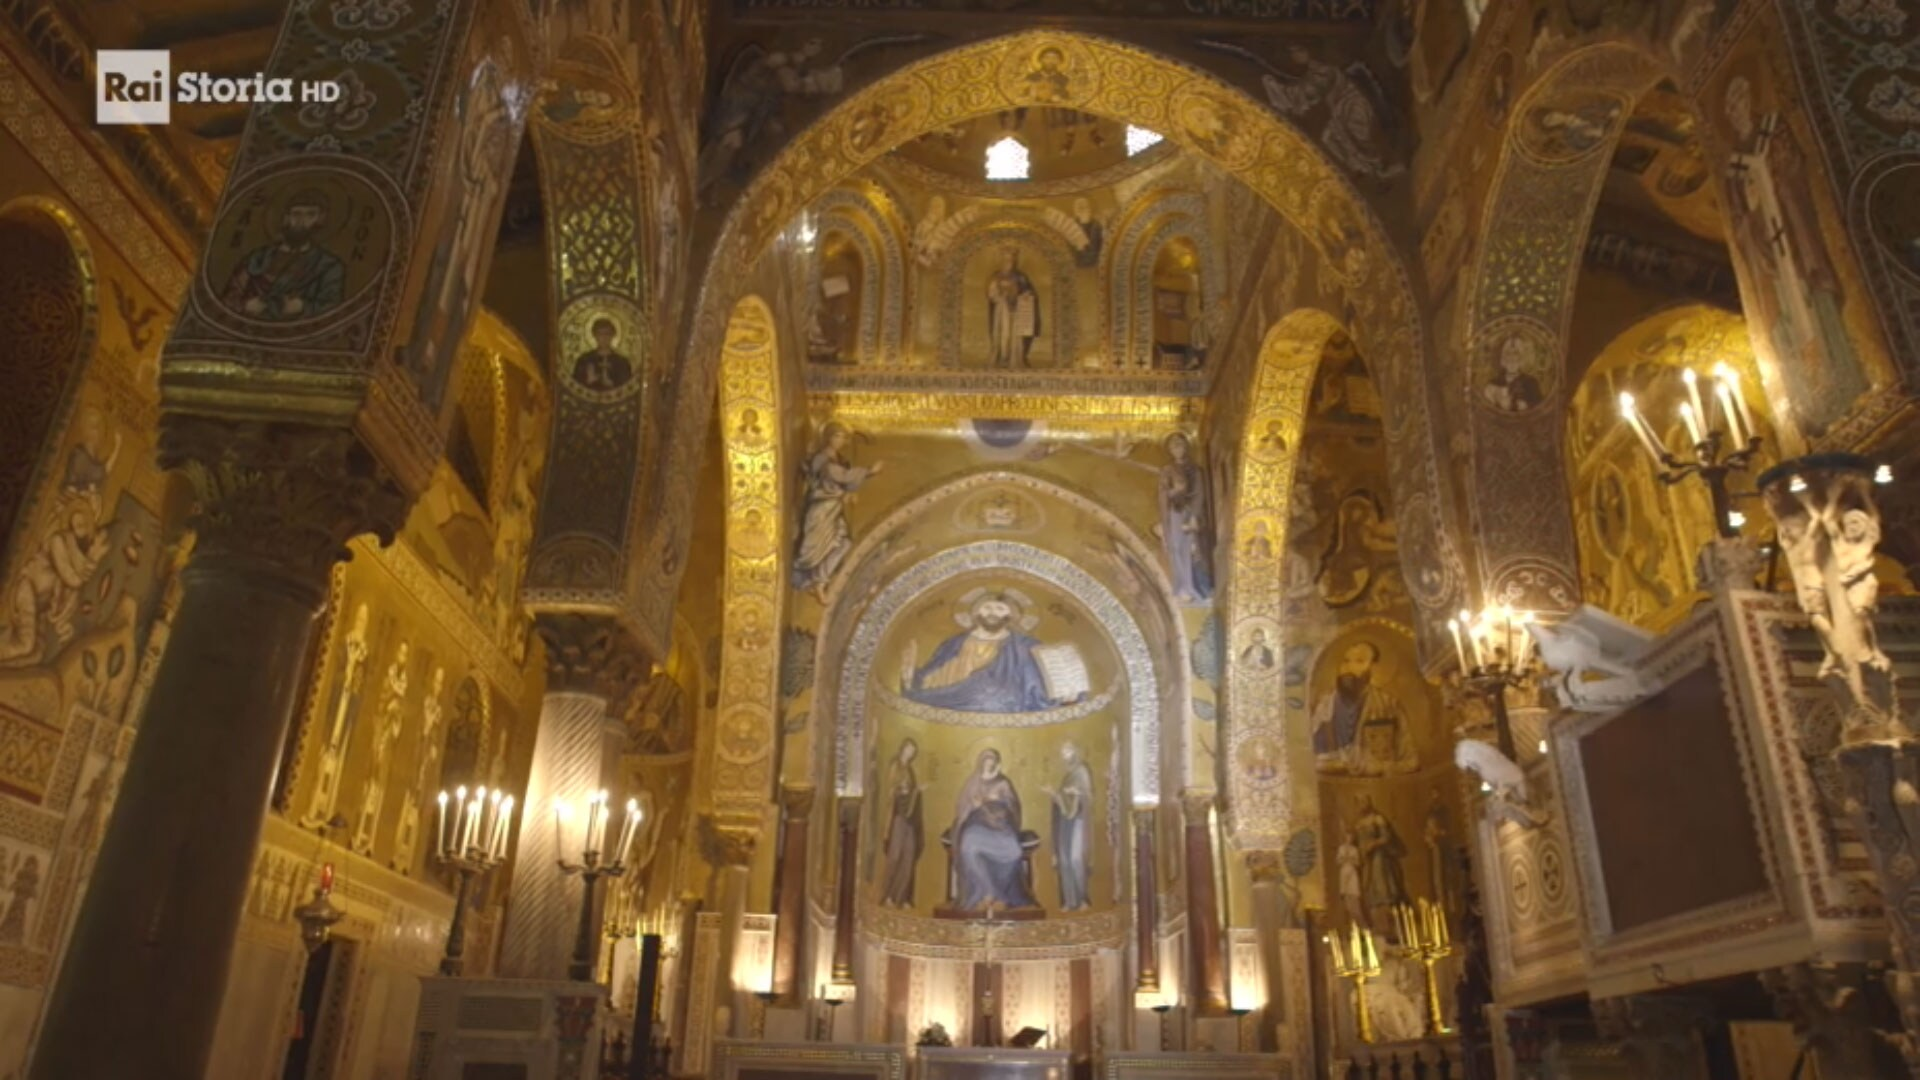 Rai Storia Italia: Viaggio nella bellezza-Palermo arabo normanna